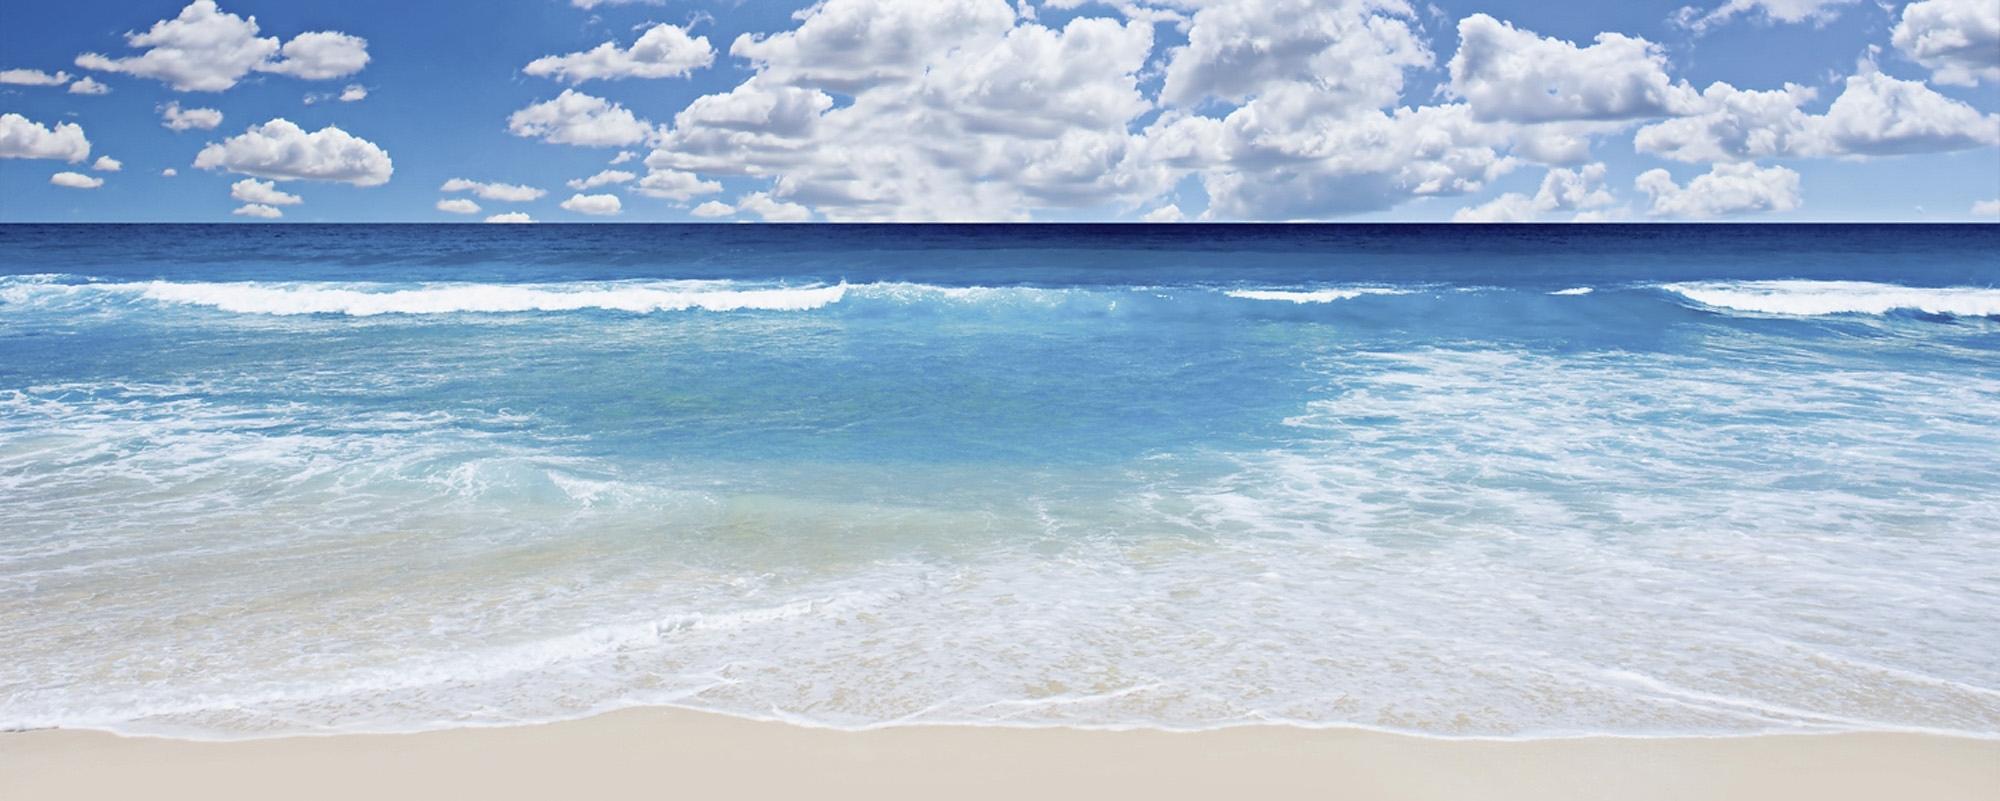 Home affaire glazen artprint, 'Strand en zee', 125x50 cm bij OTTO online kopen